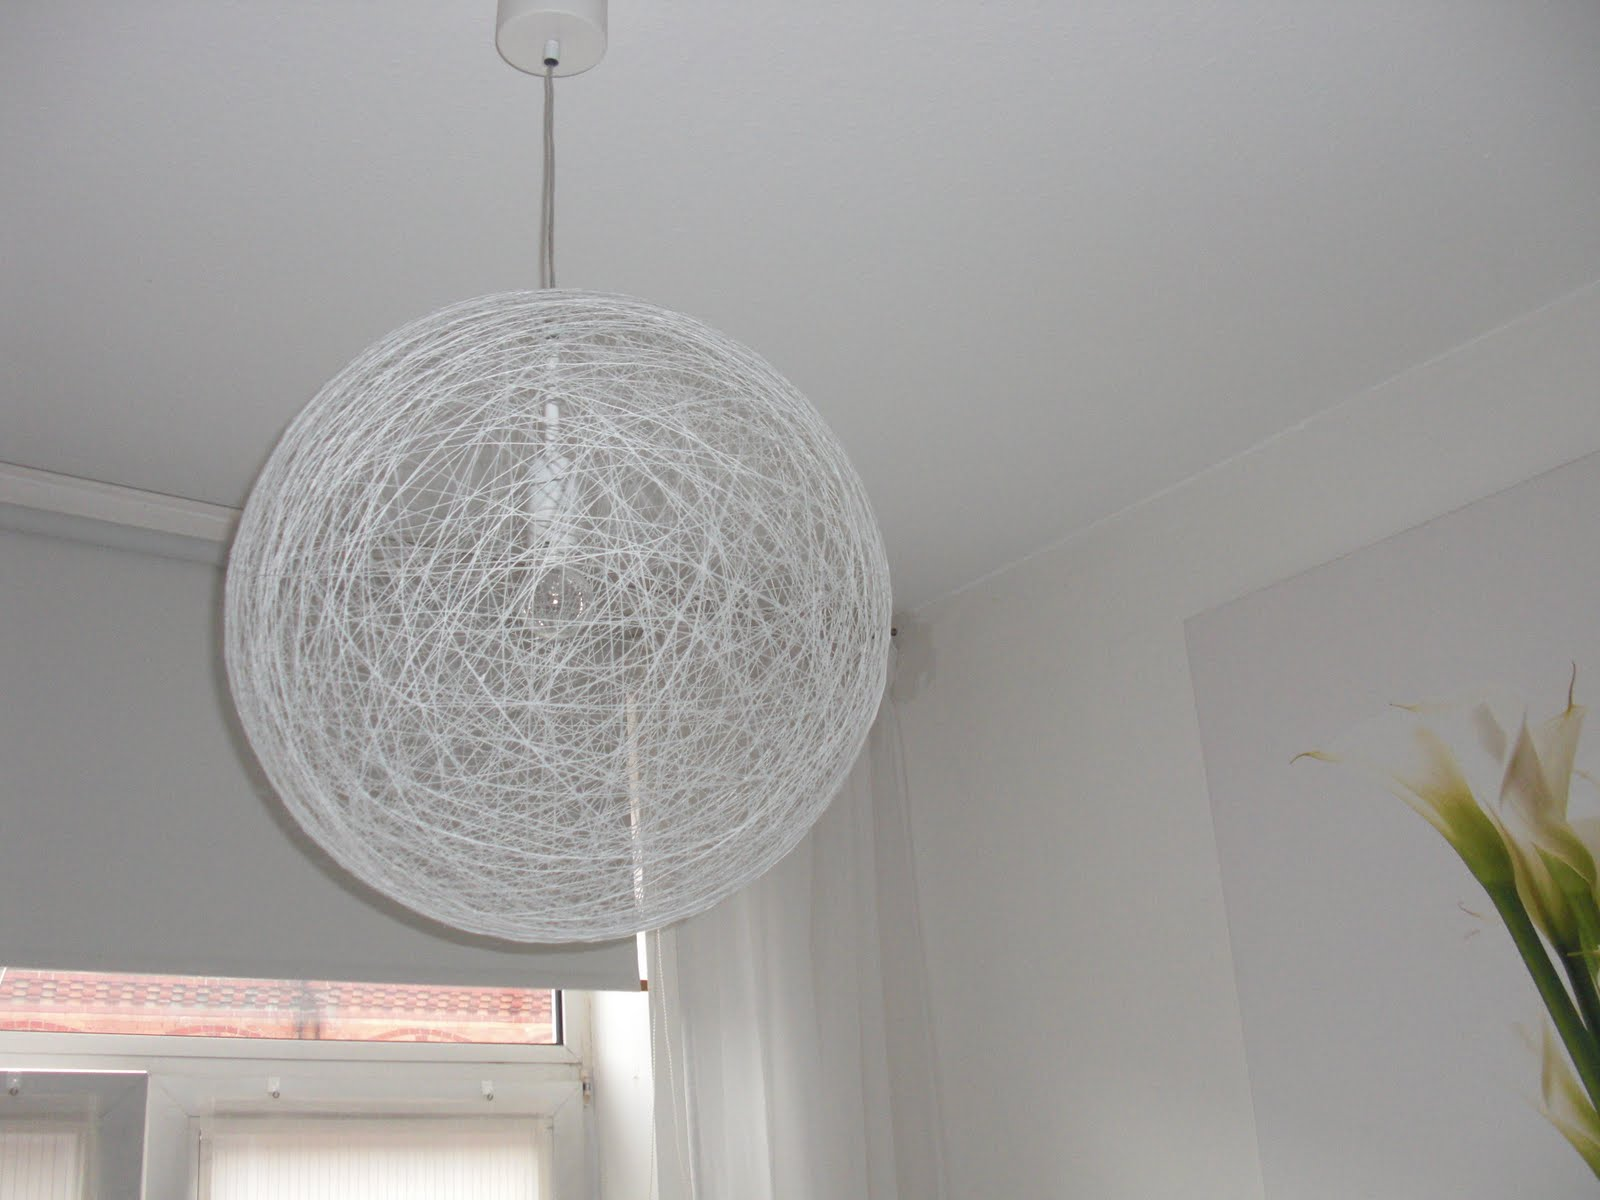 Groß Verdrahtung Neuer Leuchte Galerie - Elektrische Schaltplan ...